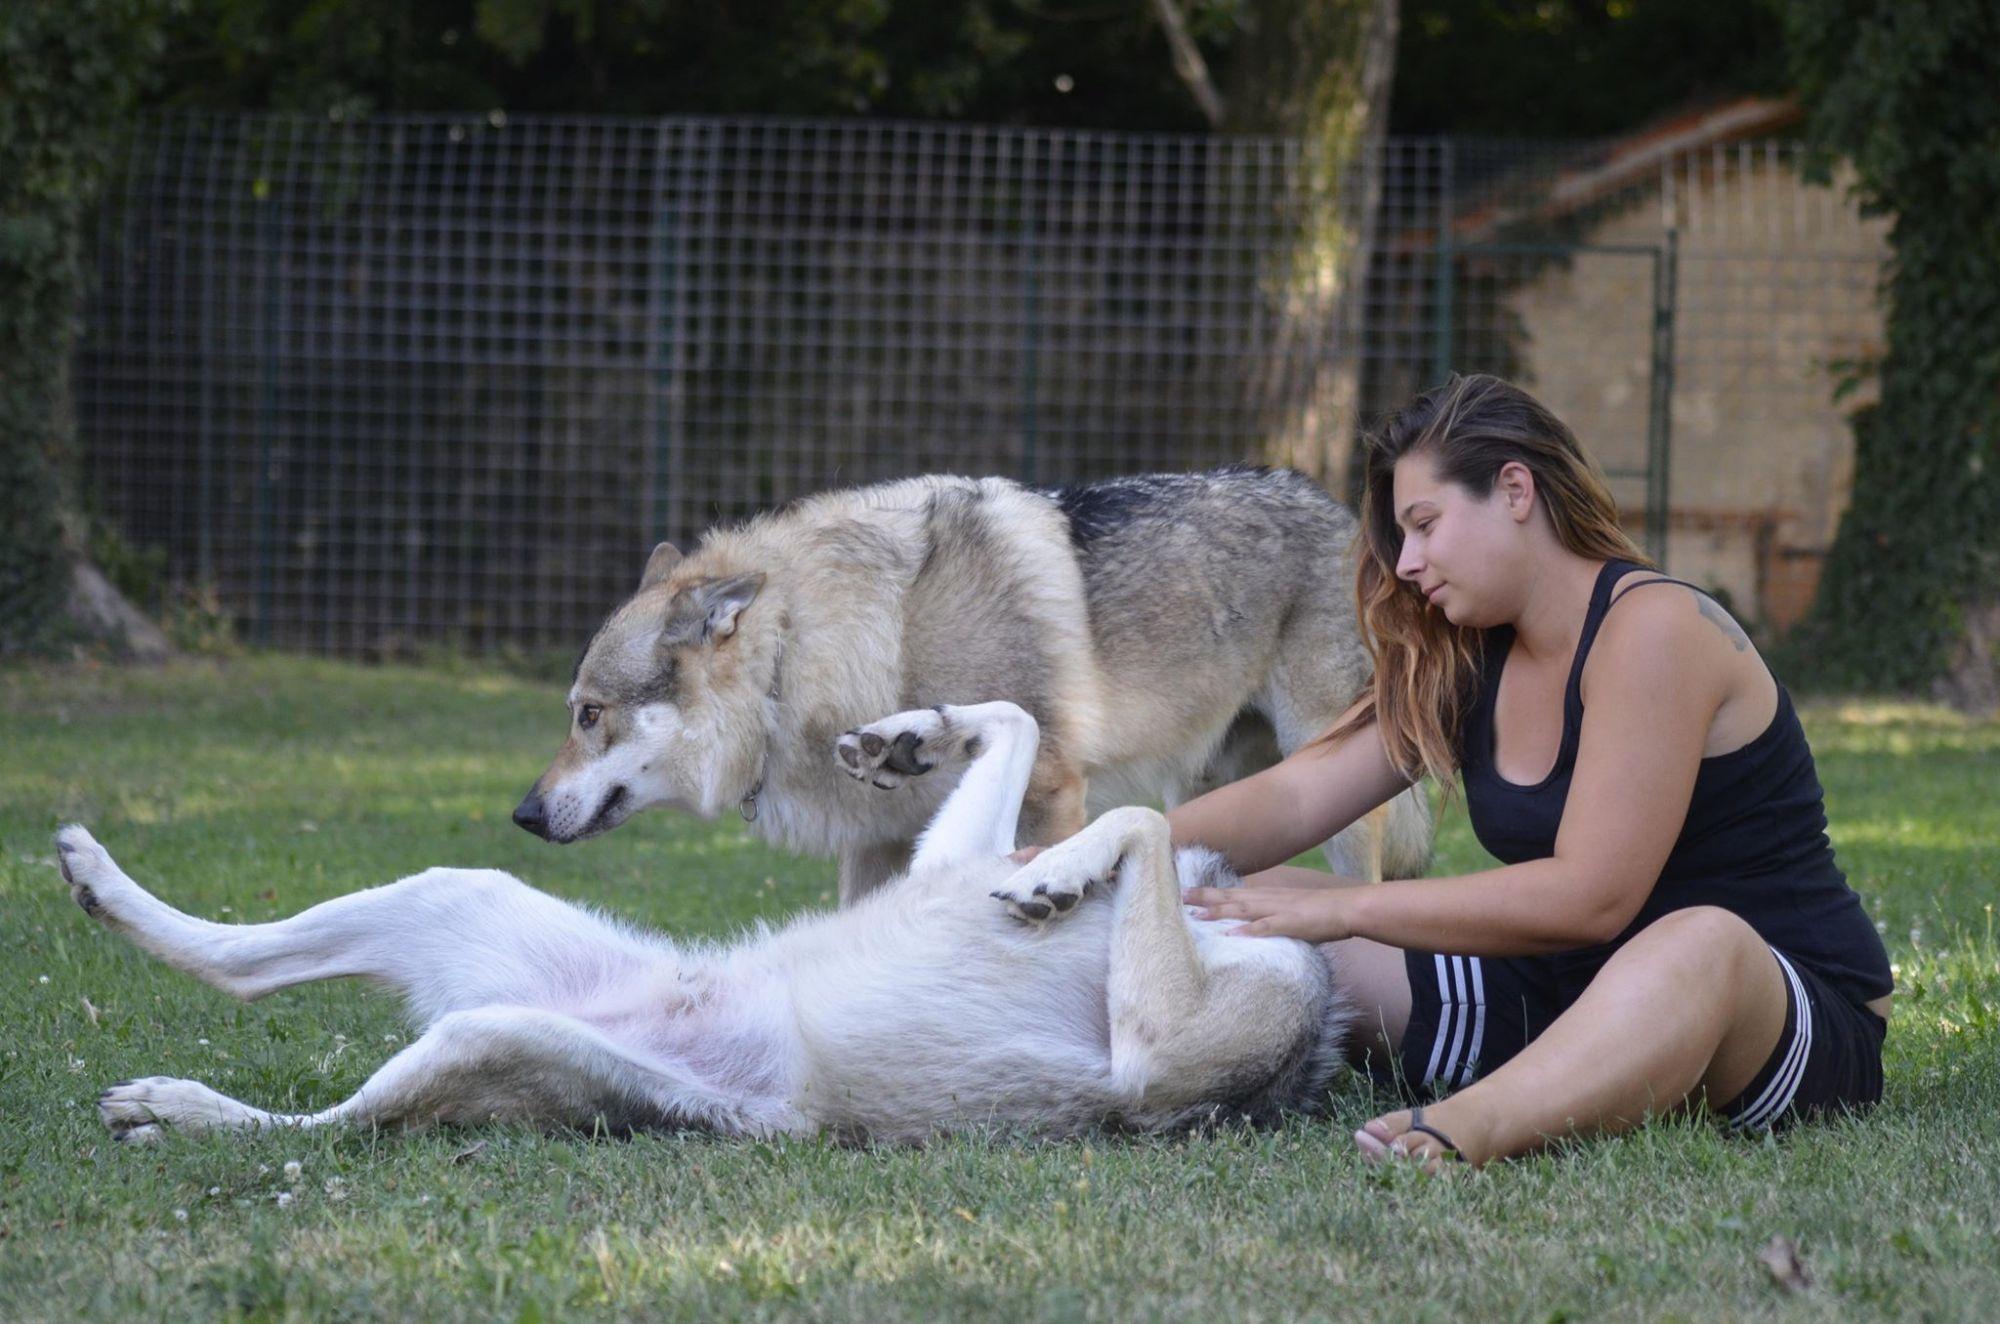 Più lupo o cane da compagnia? Per capirlo basta uno sguardo